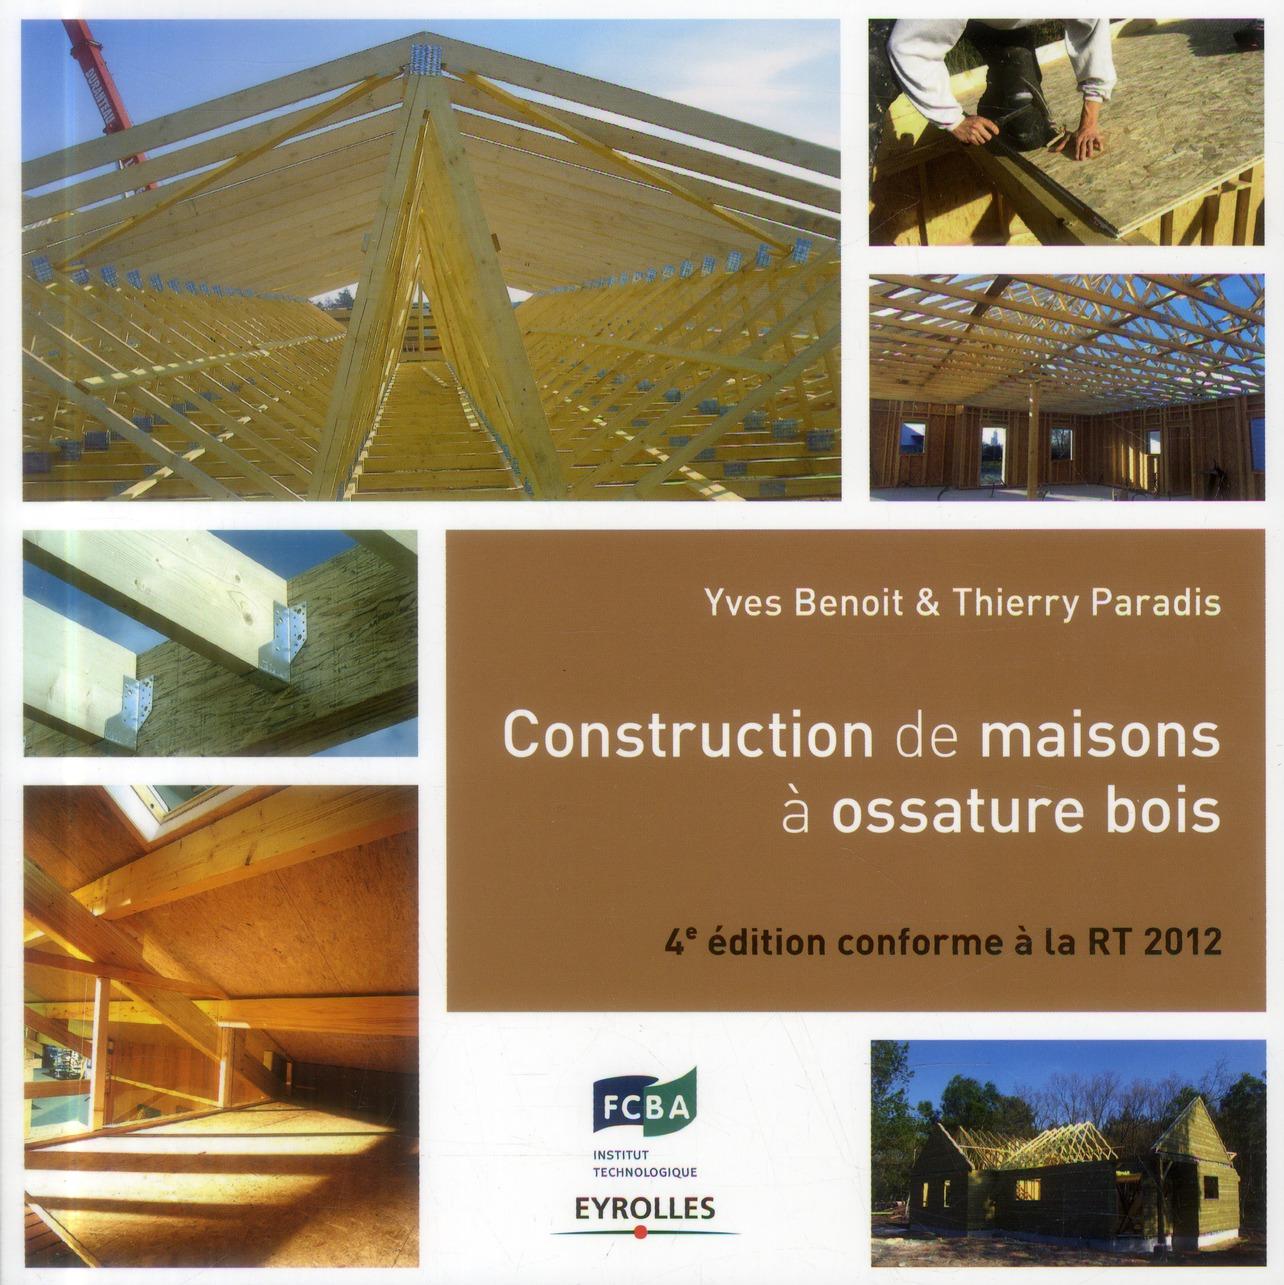 Construction De Maisons A Ossature Bois. Conforme A La Rt 2012 - Conforme A La Rt 2012.